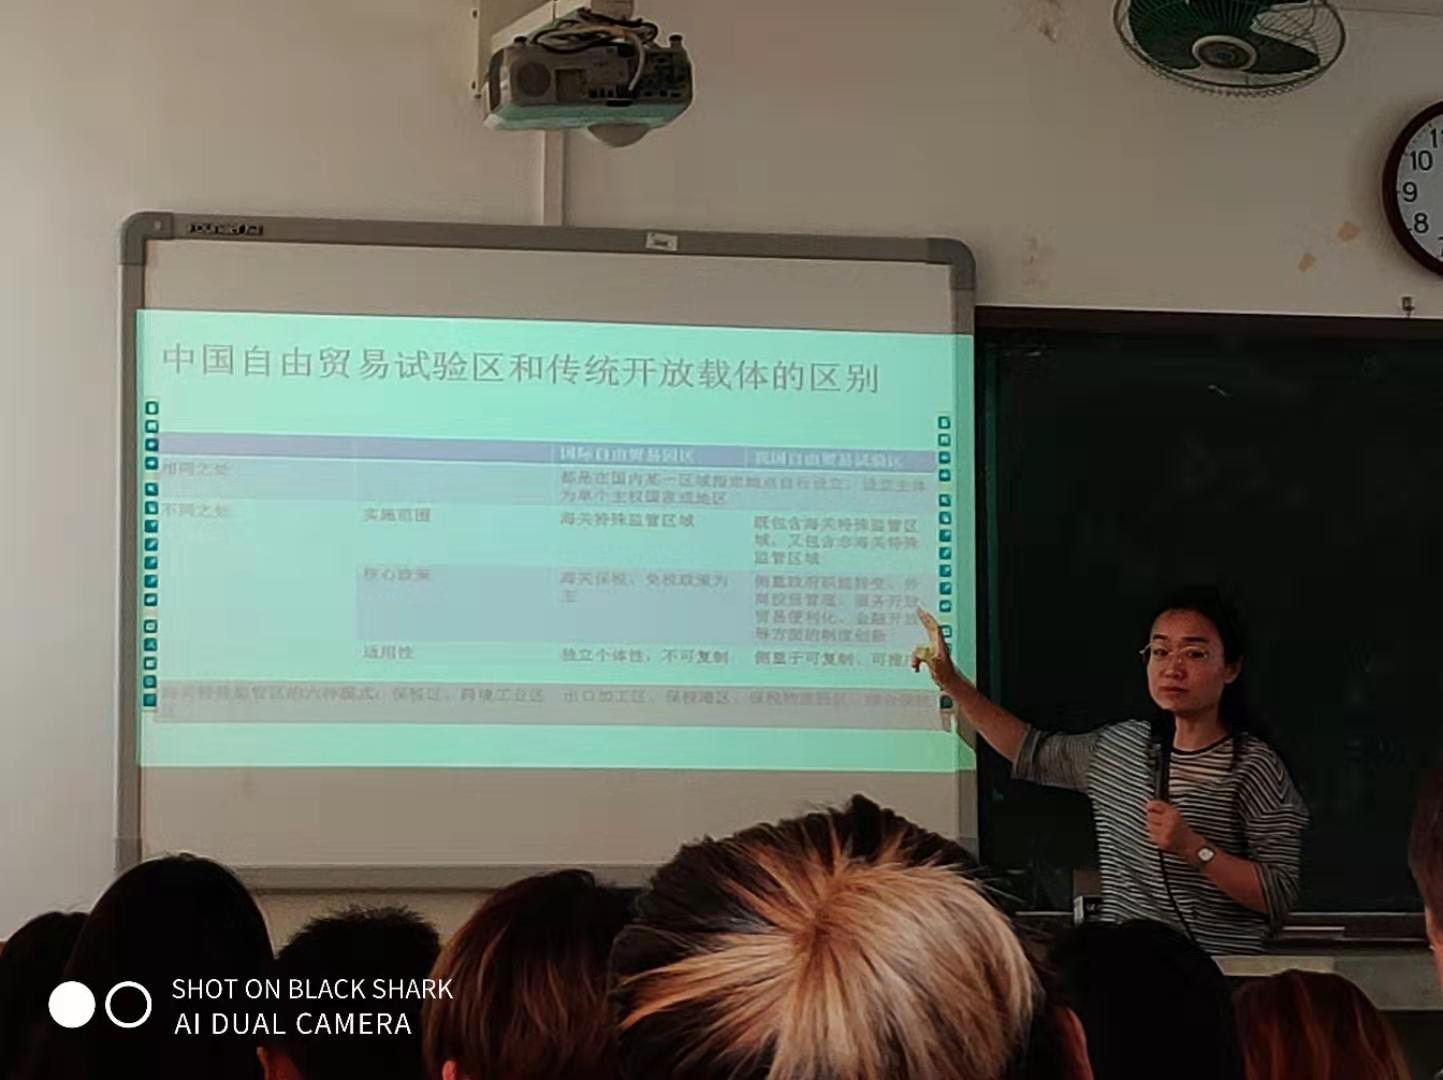 我院张颖老师做题为《从自由贸易试验区到自由贸易港》的讲座